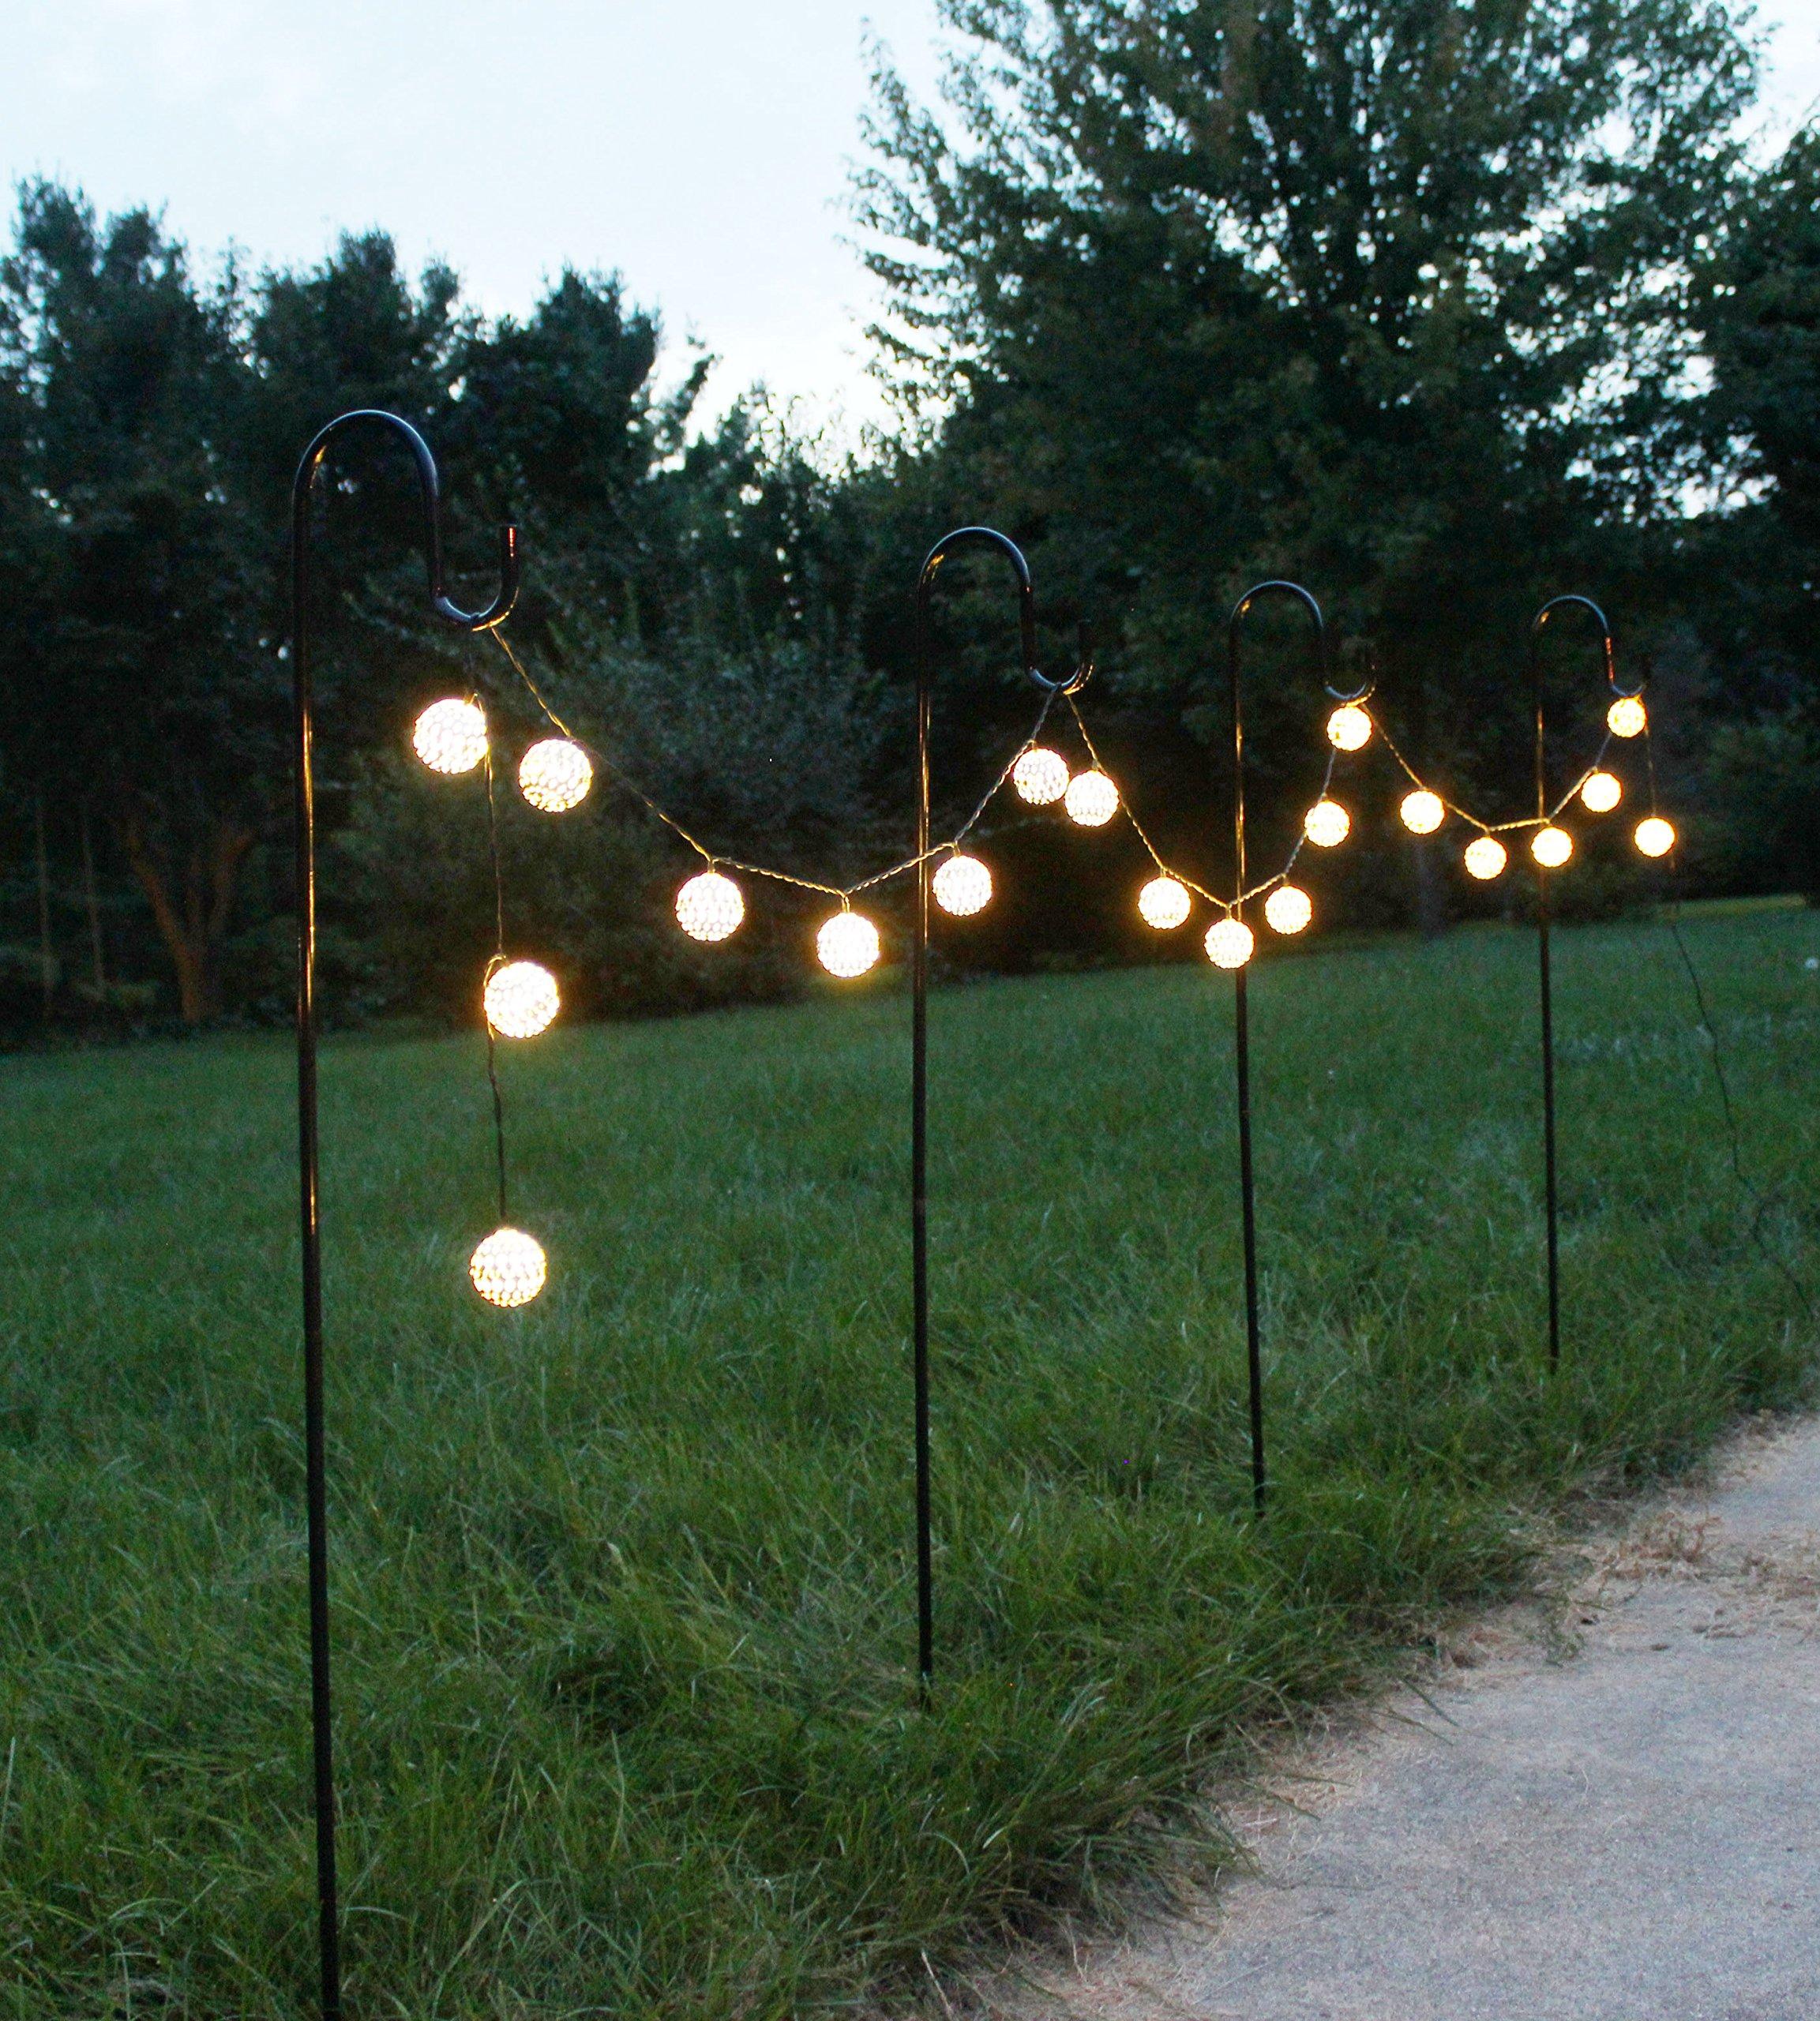 Joiedomi 39 Inches Shepherd Hook Garden Hook Hanger Premium Metal Rust  Resistant For Hanging Plants, Solar Lights, Lanterns, Bird Feeders Etc (4  Pack) ...